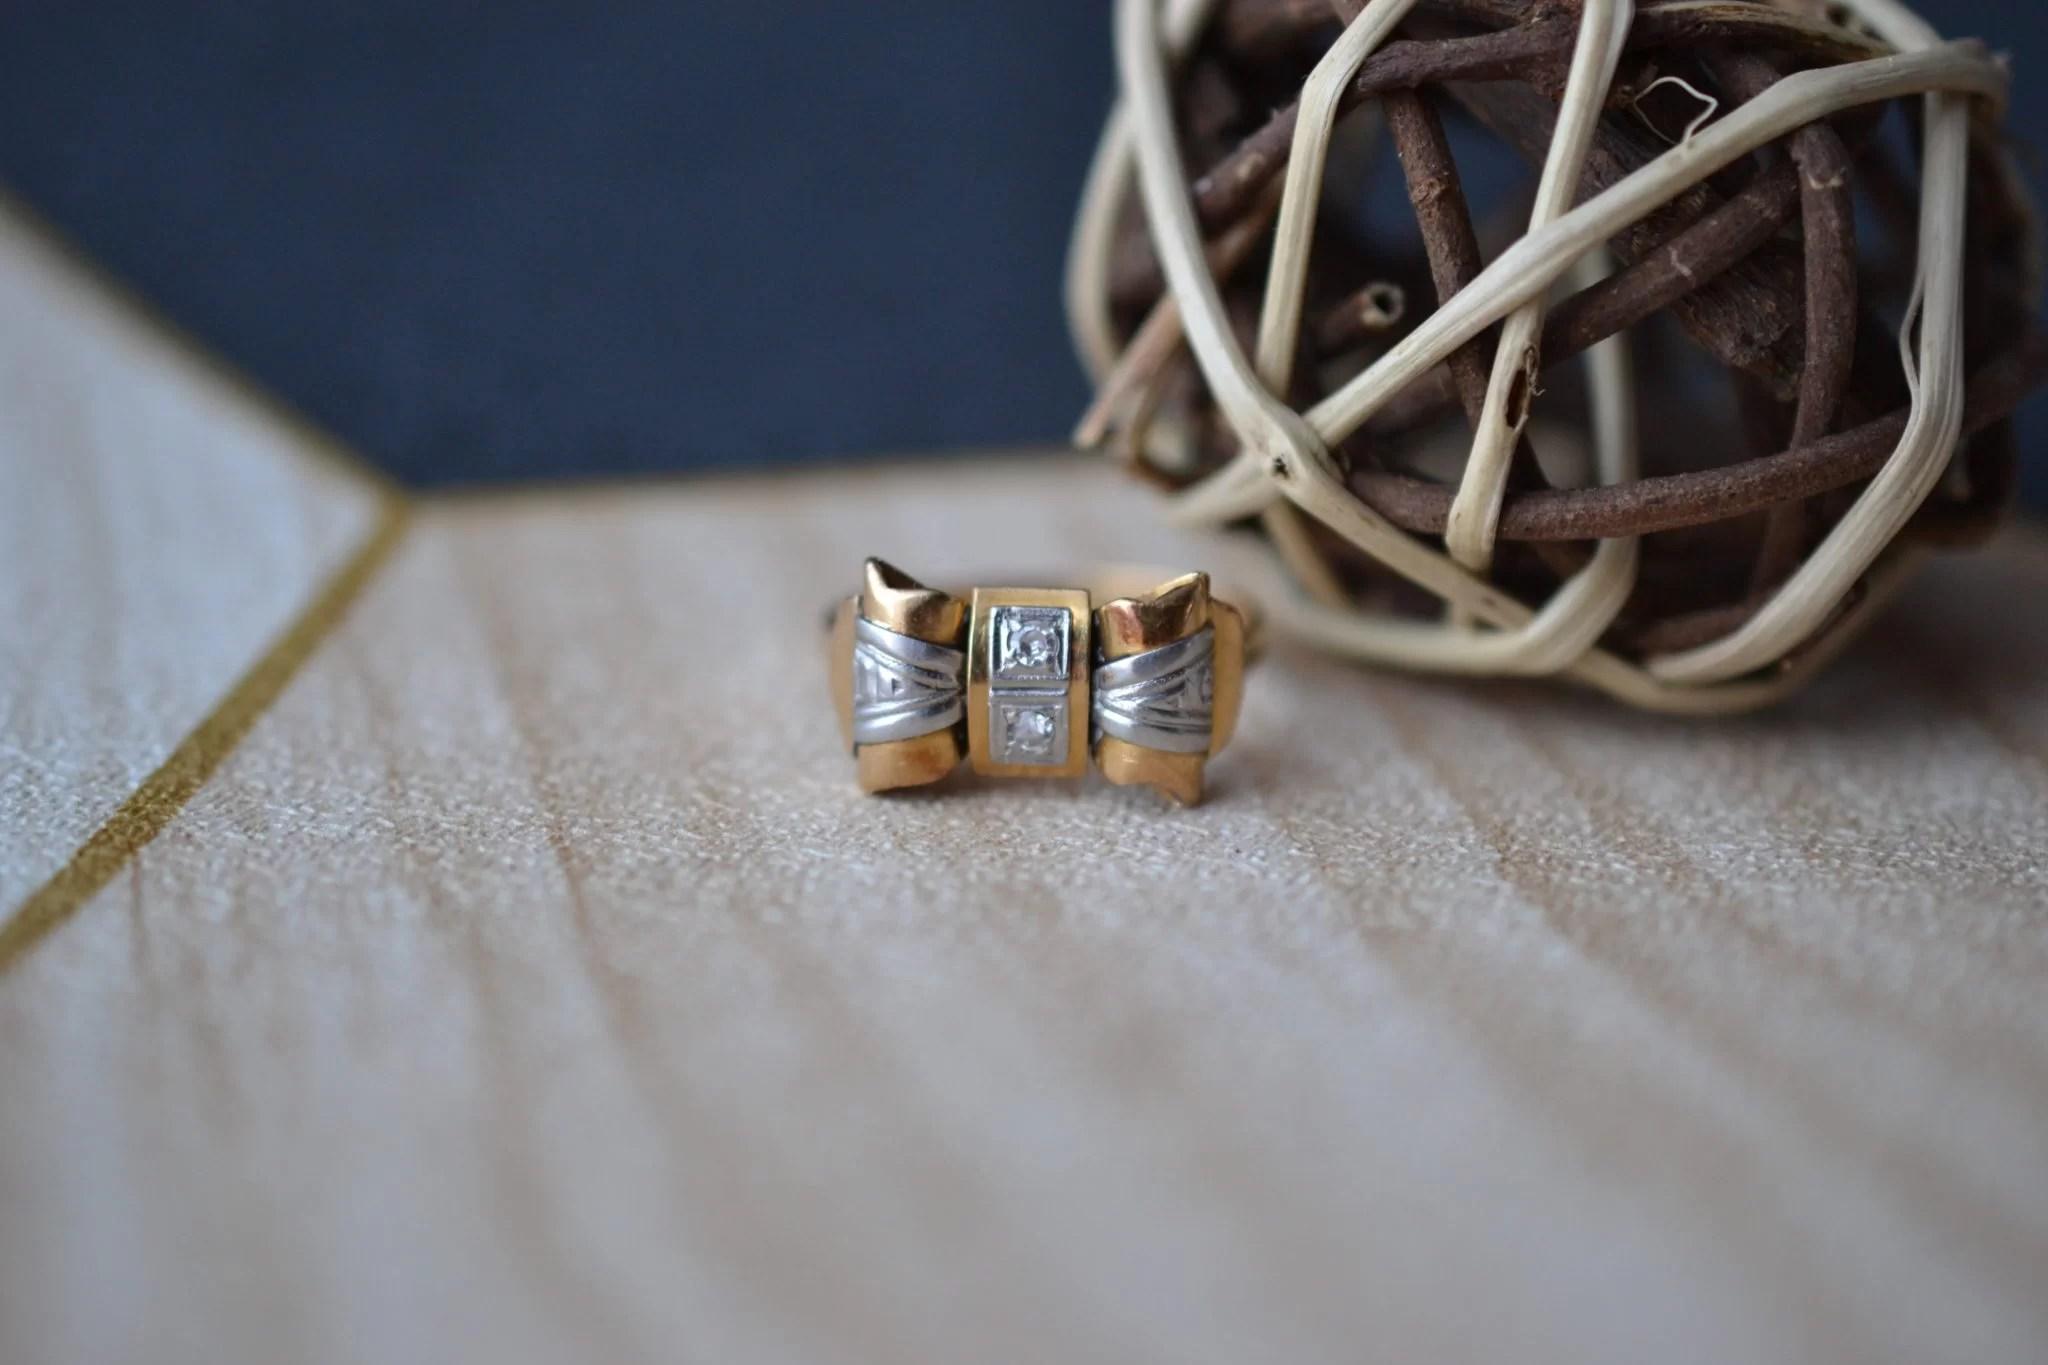 Bague En Or Jaune Et Or Blanc En Forme De Ruban Ou De Nœud, Sertie De 2 Diamants Taille Brillants - Bague Ancienne